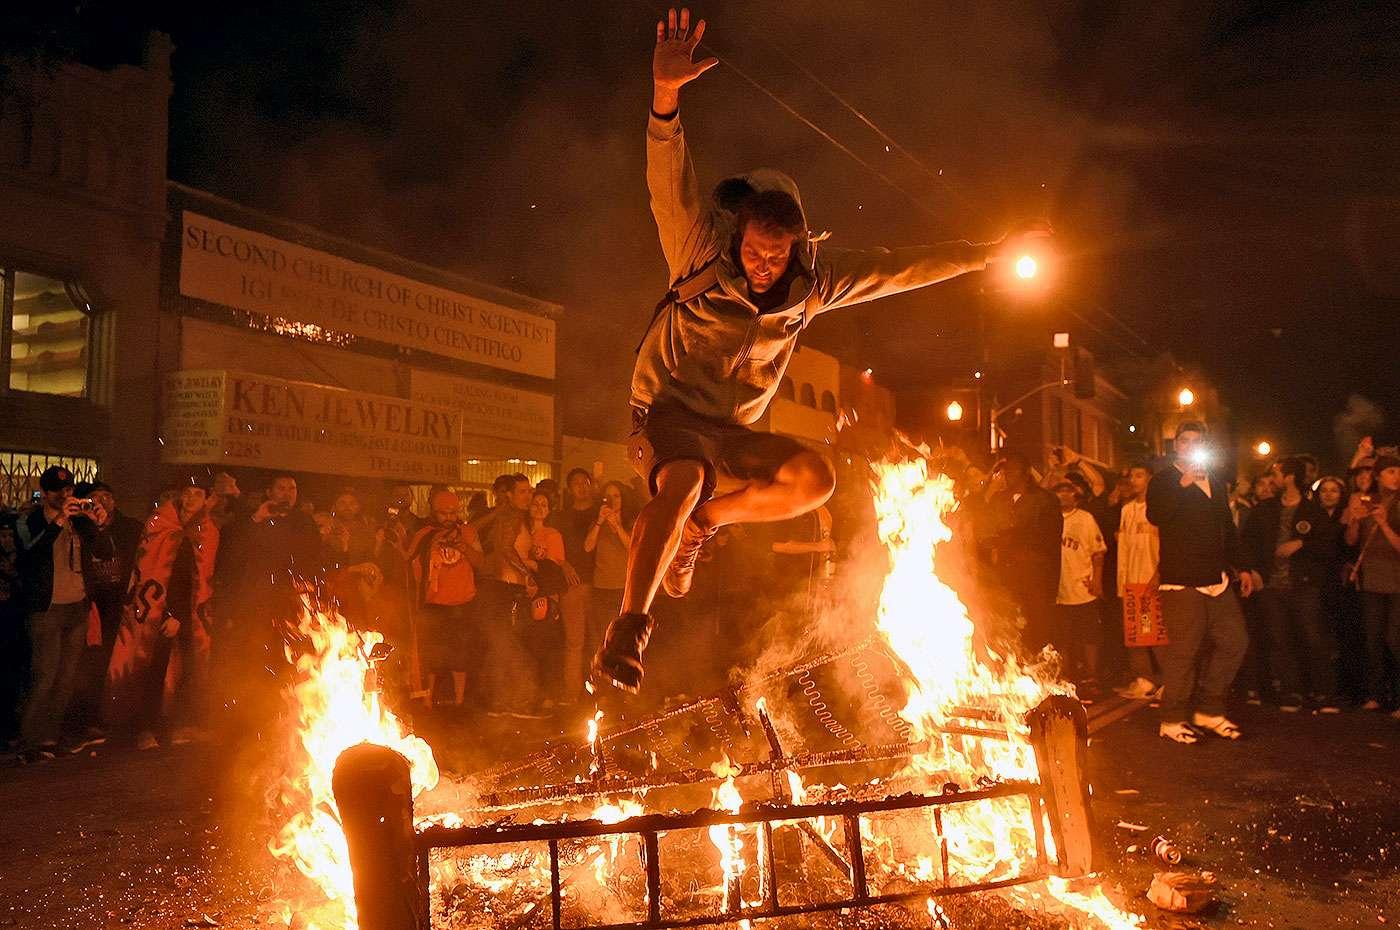 Los aficionados de los Gigantes de San Francisco celebraron en grande el octavo título de Serie Mundial conseguido tras vencer 3-2 a los Reales de Kansas City en el juego 7. Miles de fanáticos comenzaron a festejar tras el out 27 e iniciaron los disturbios en la ciudad californiana. Foto: AP